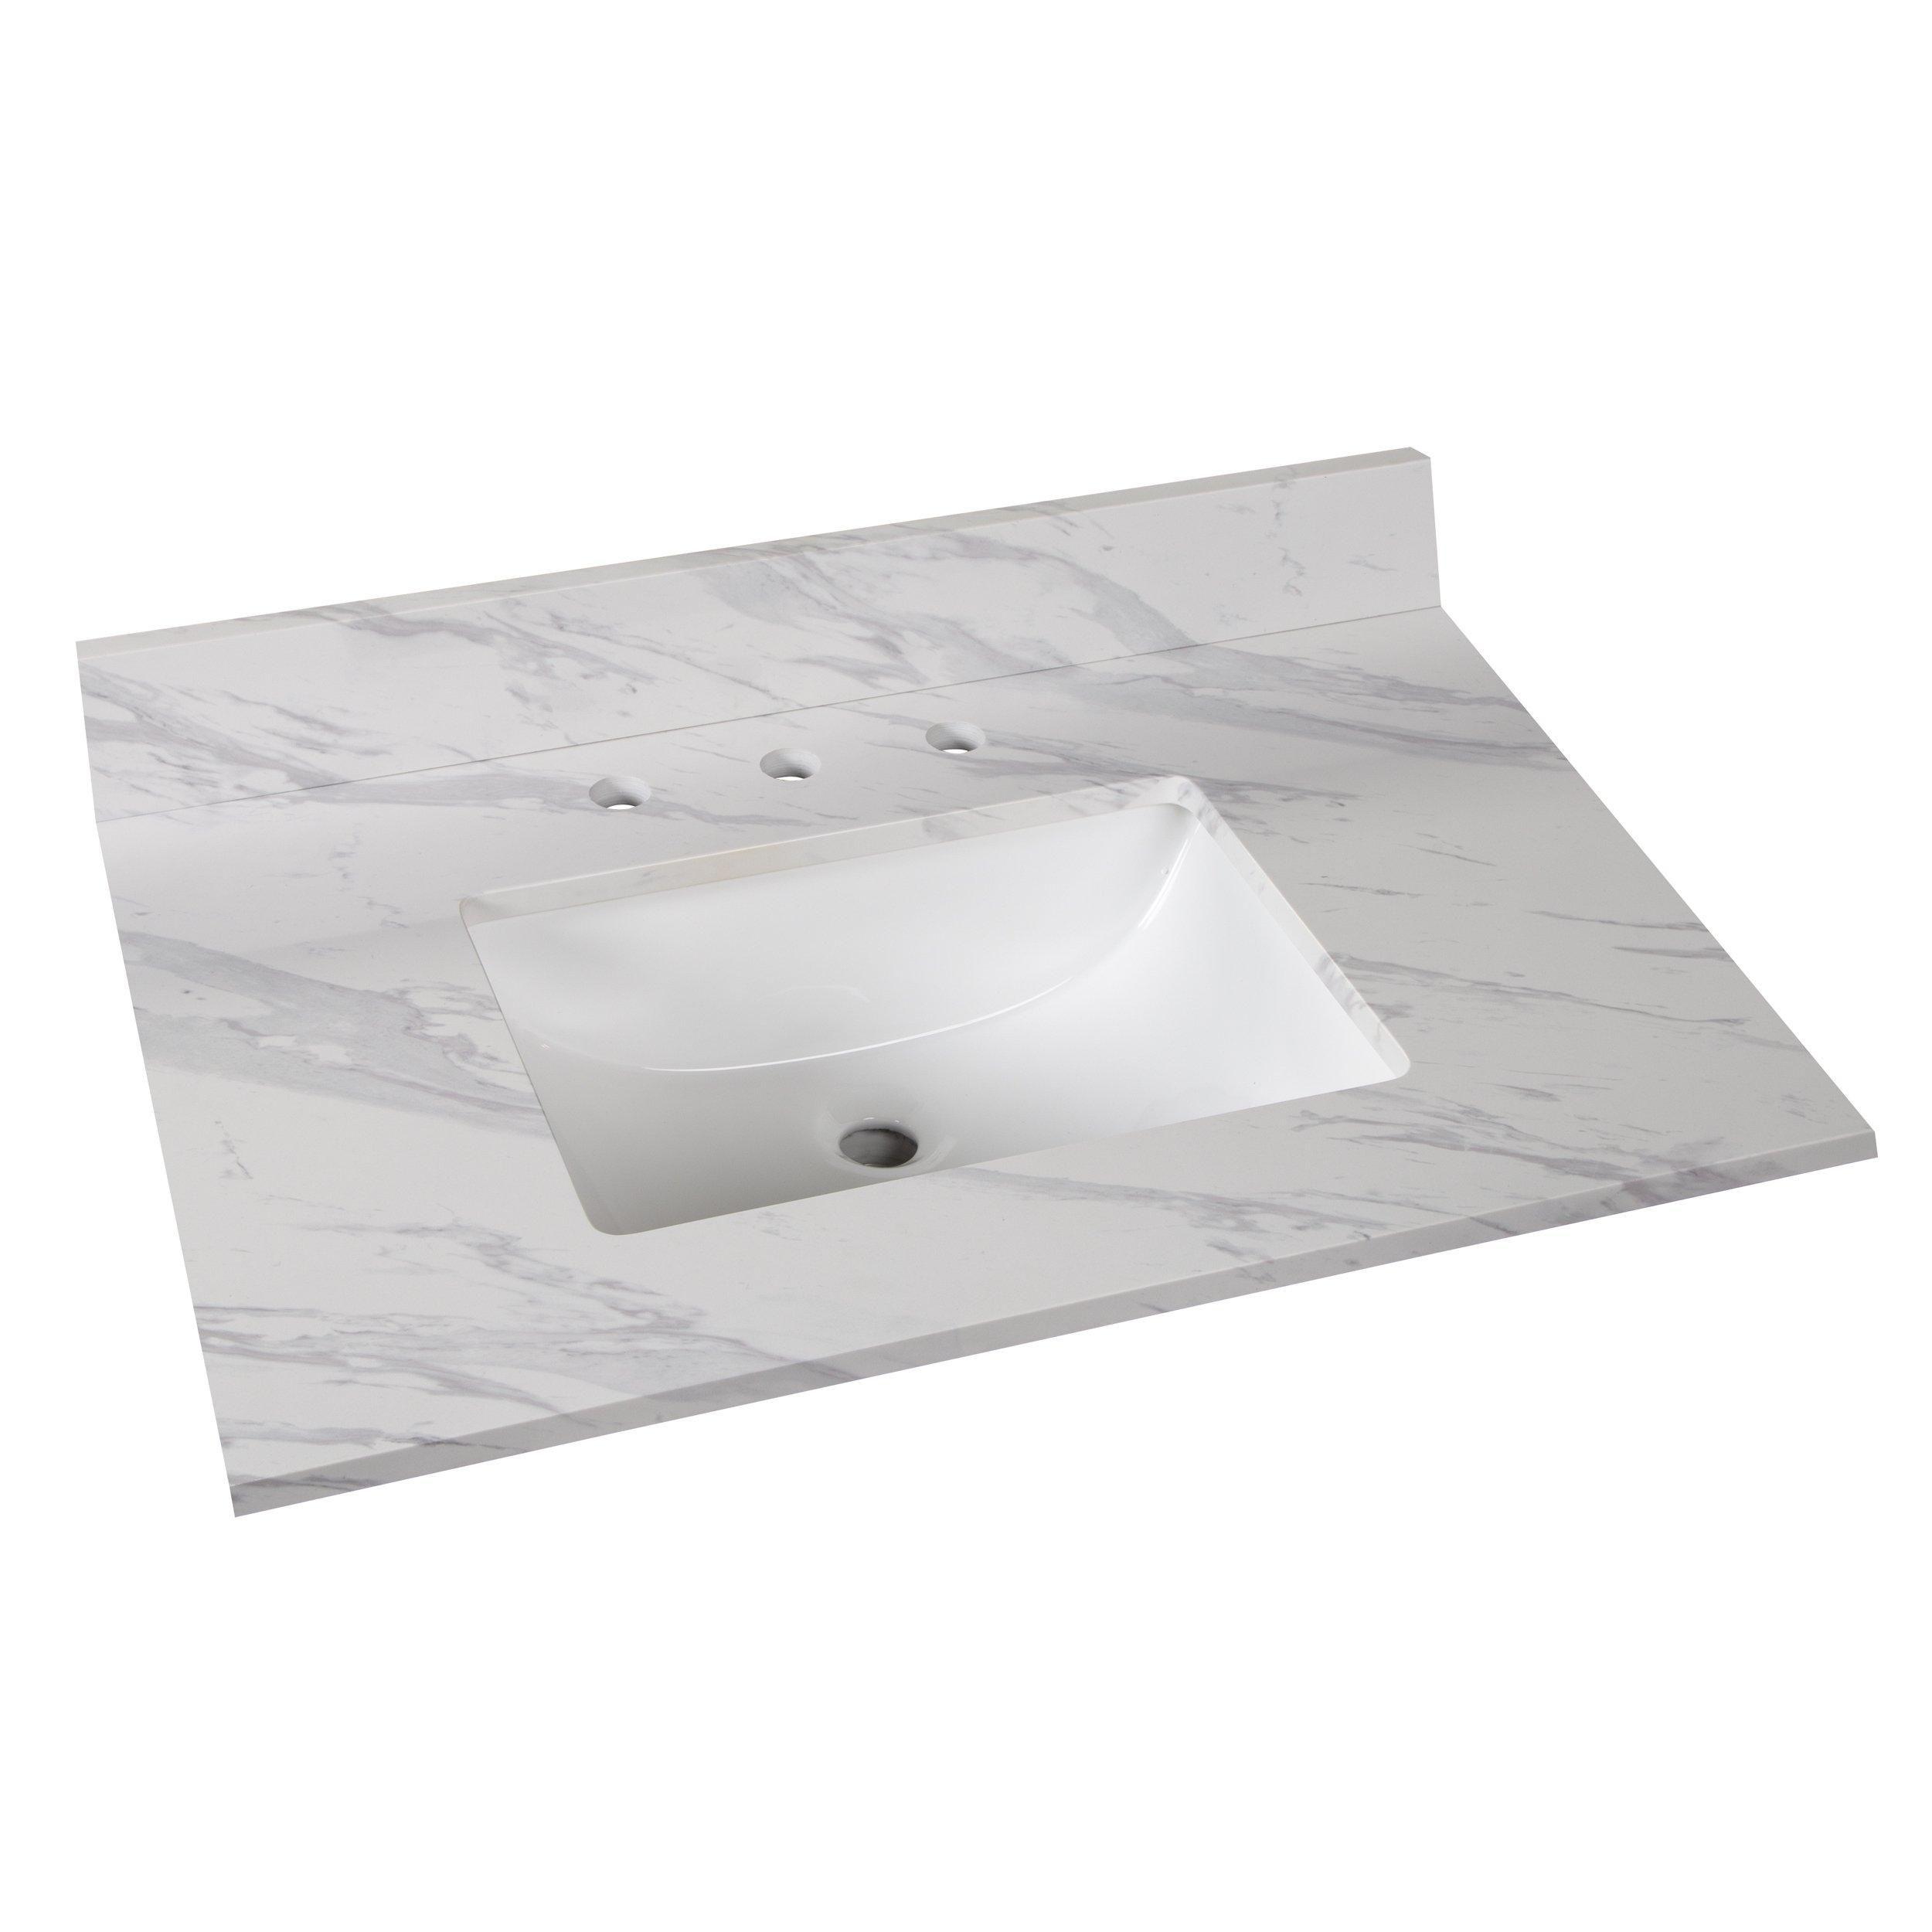 Volakas Engineered Marble 31 In Vanity